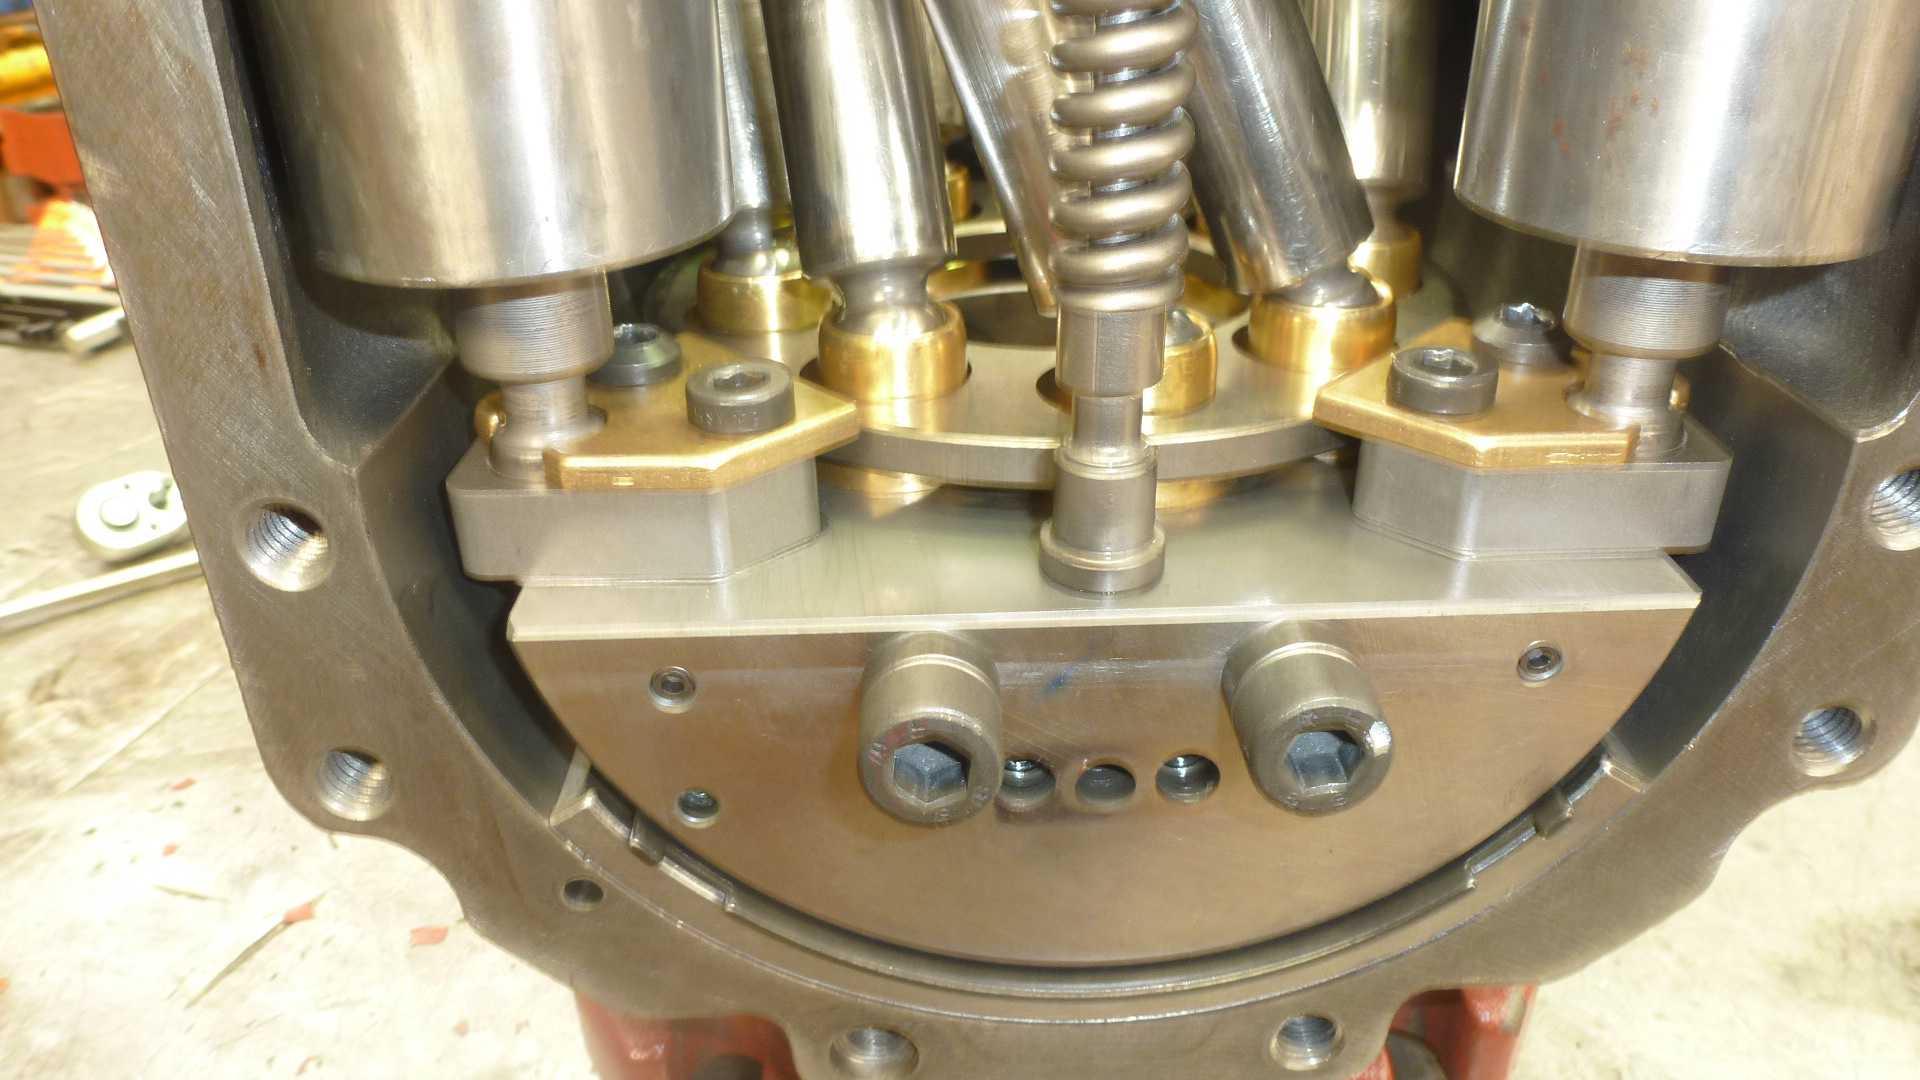 Problme Pompe Linde BPV Moteur BMV Rparation Pompe